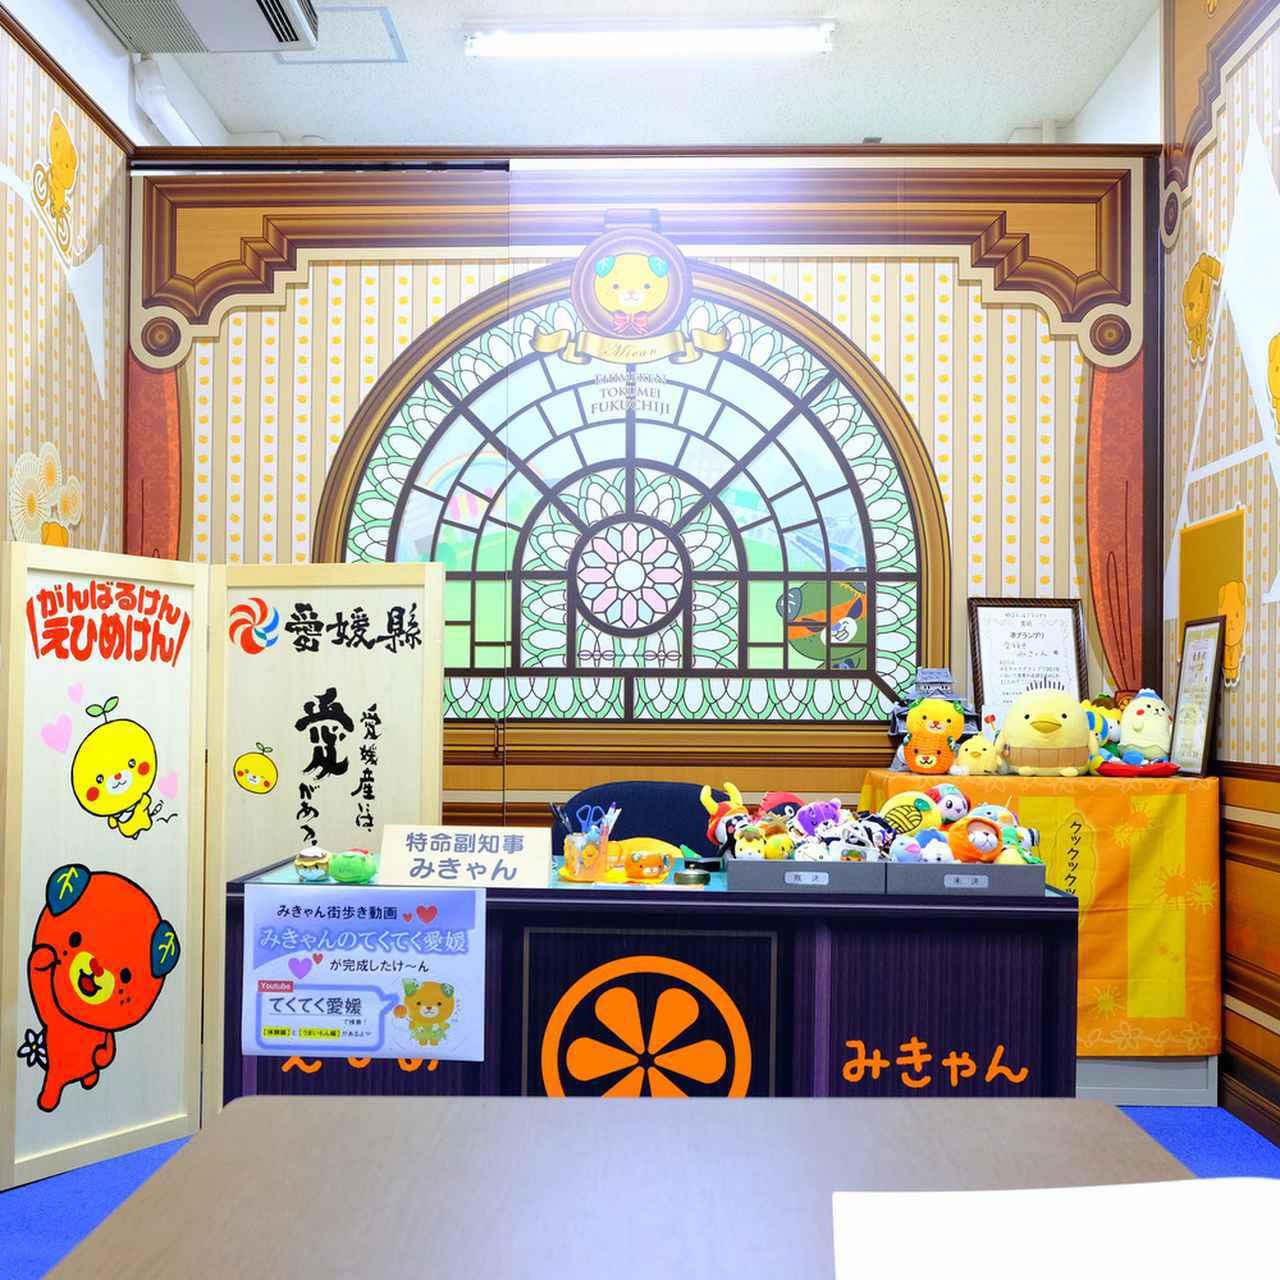 画像: ゆるキャラとしても絶大な人気を誇るみきゃんは愛媛県の特命副知事。ちゃんとお部屋もあるんです。